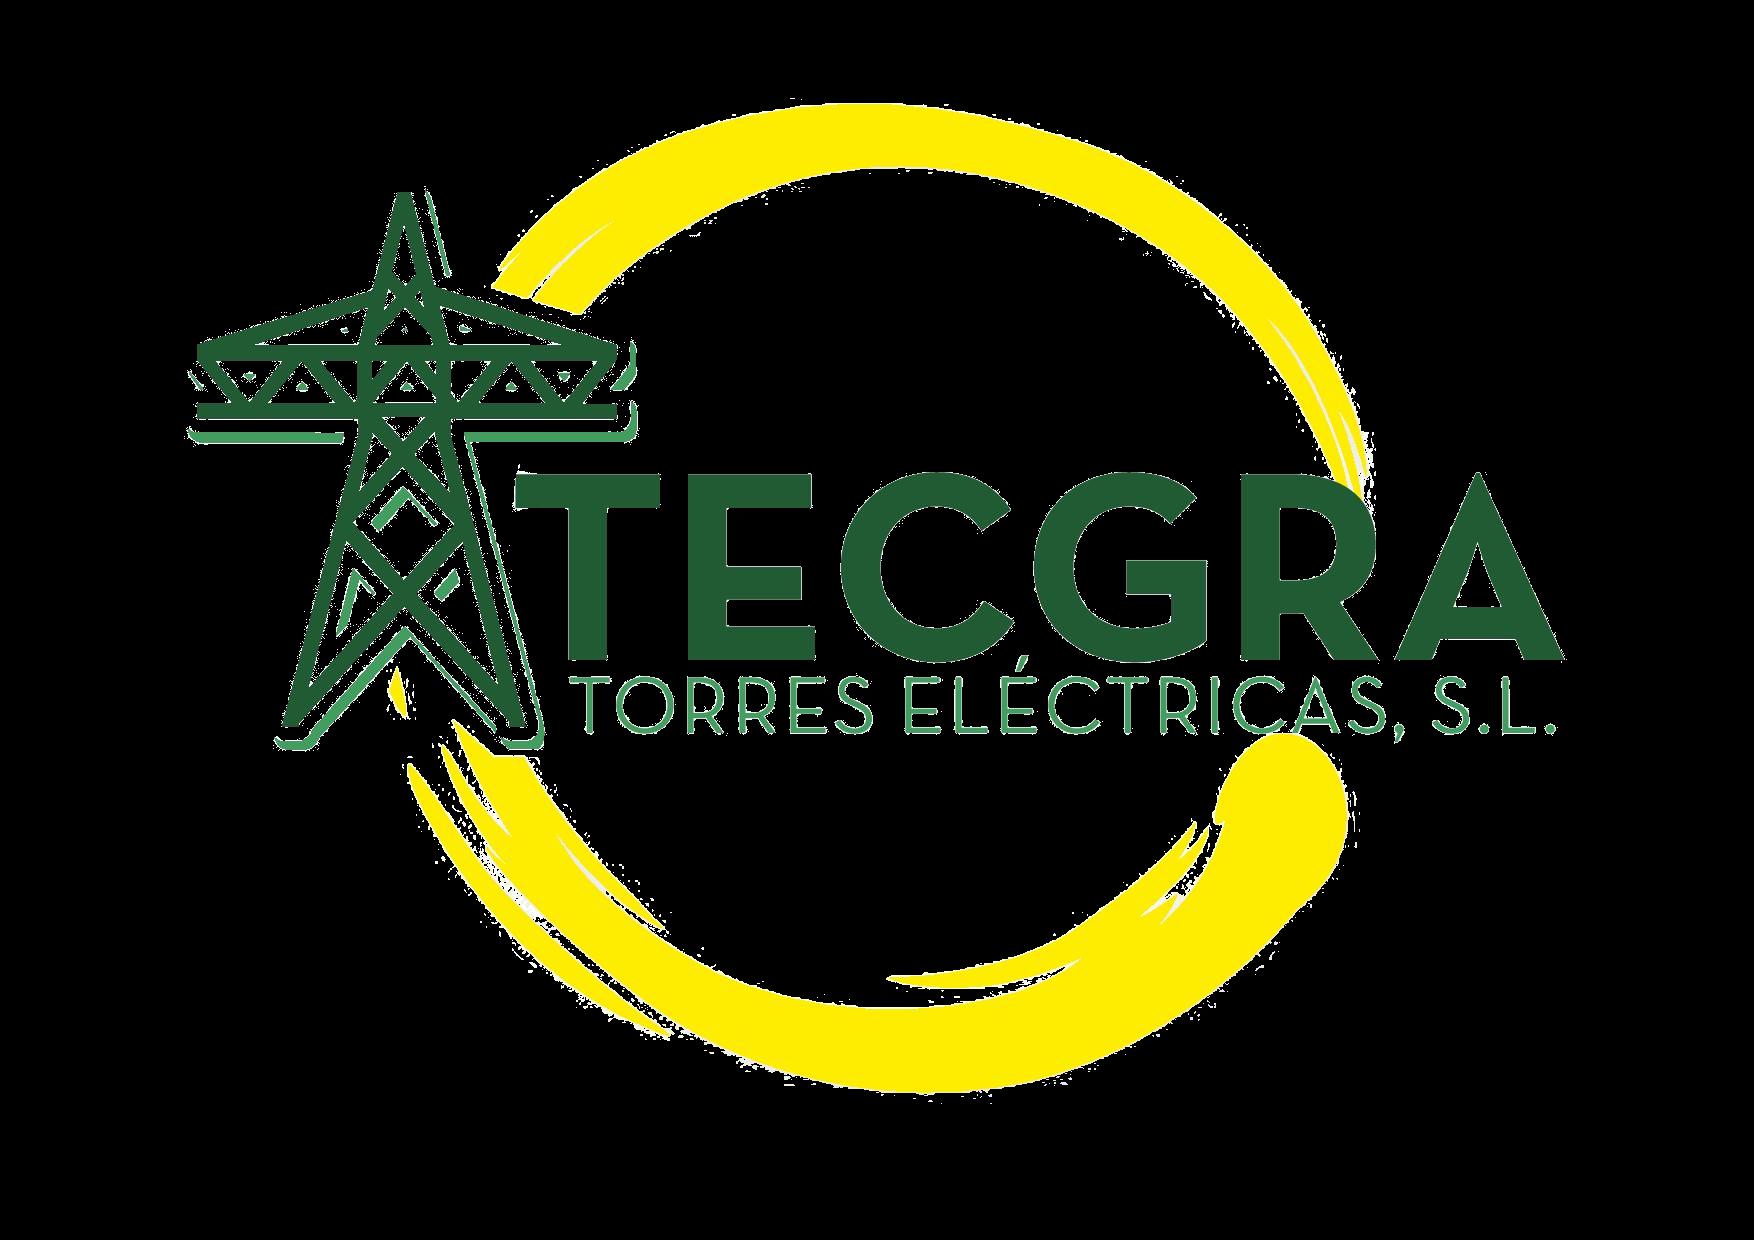 TECGRA